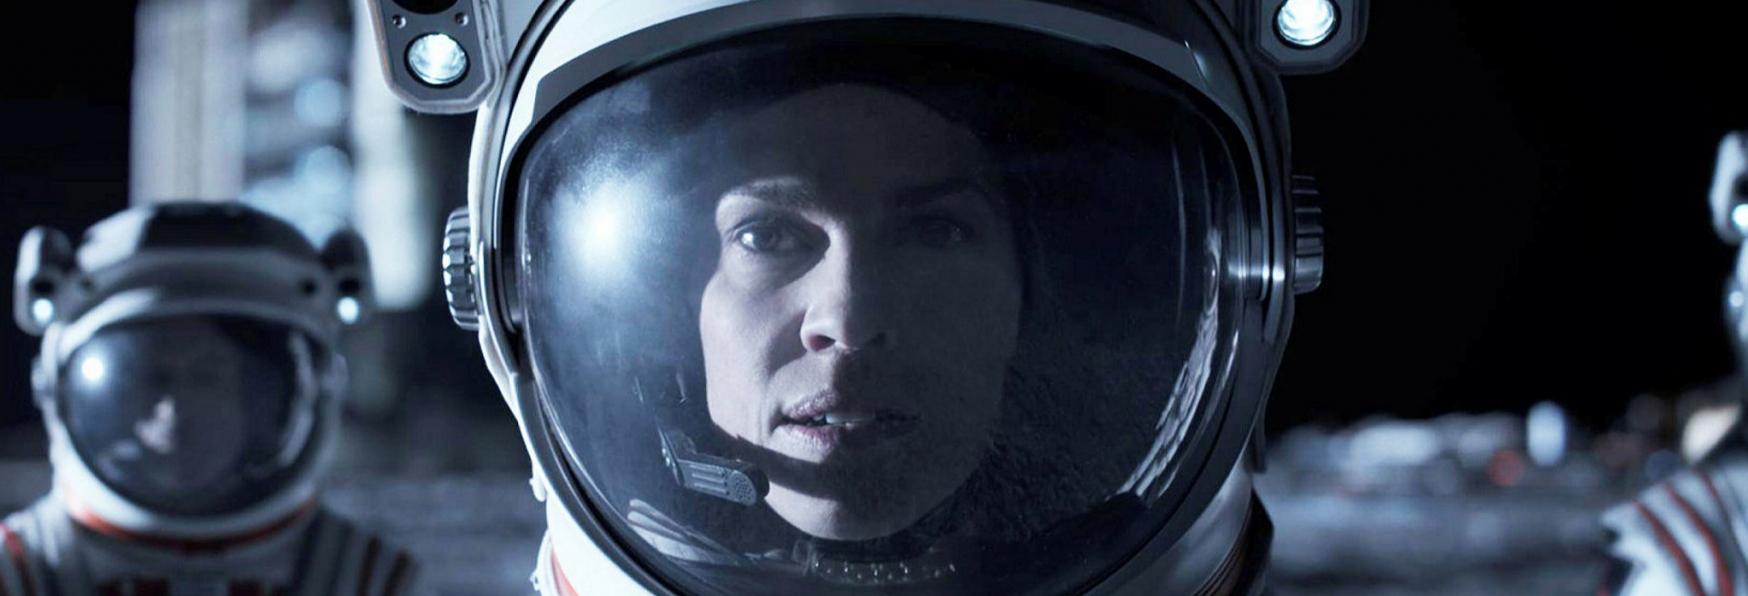 Away: Hilary Swank parla del suo Ruolo di Astronauta nella nuova Serie TV Netflix